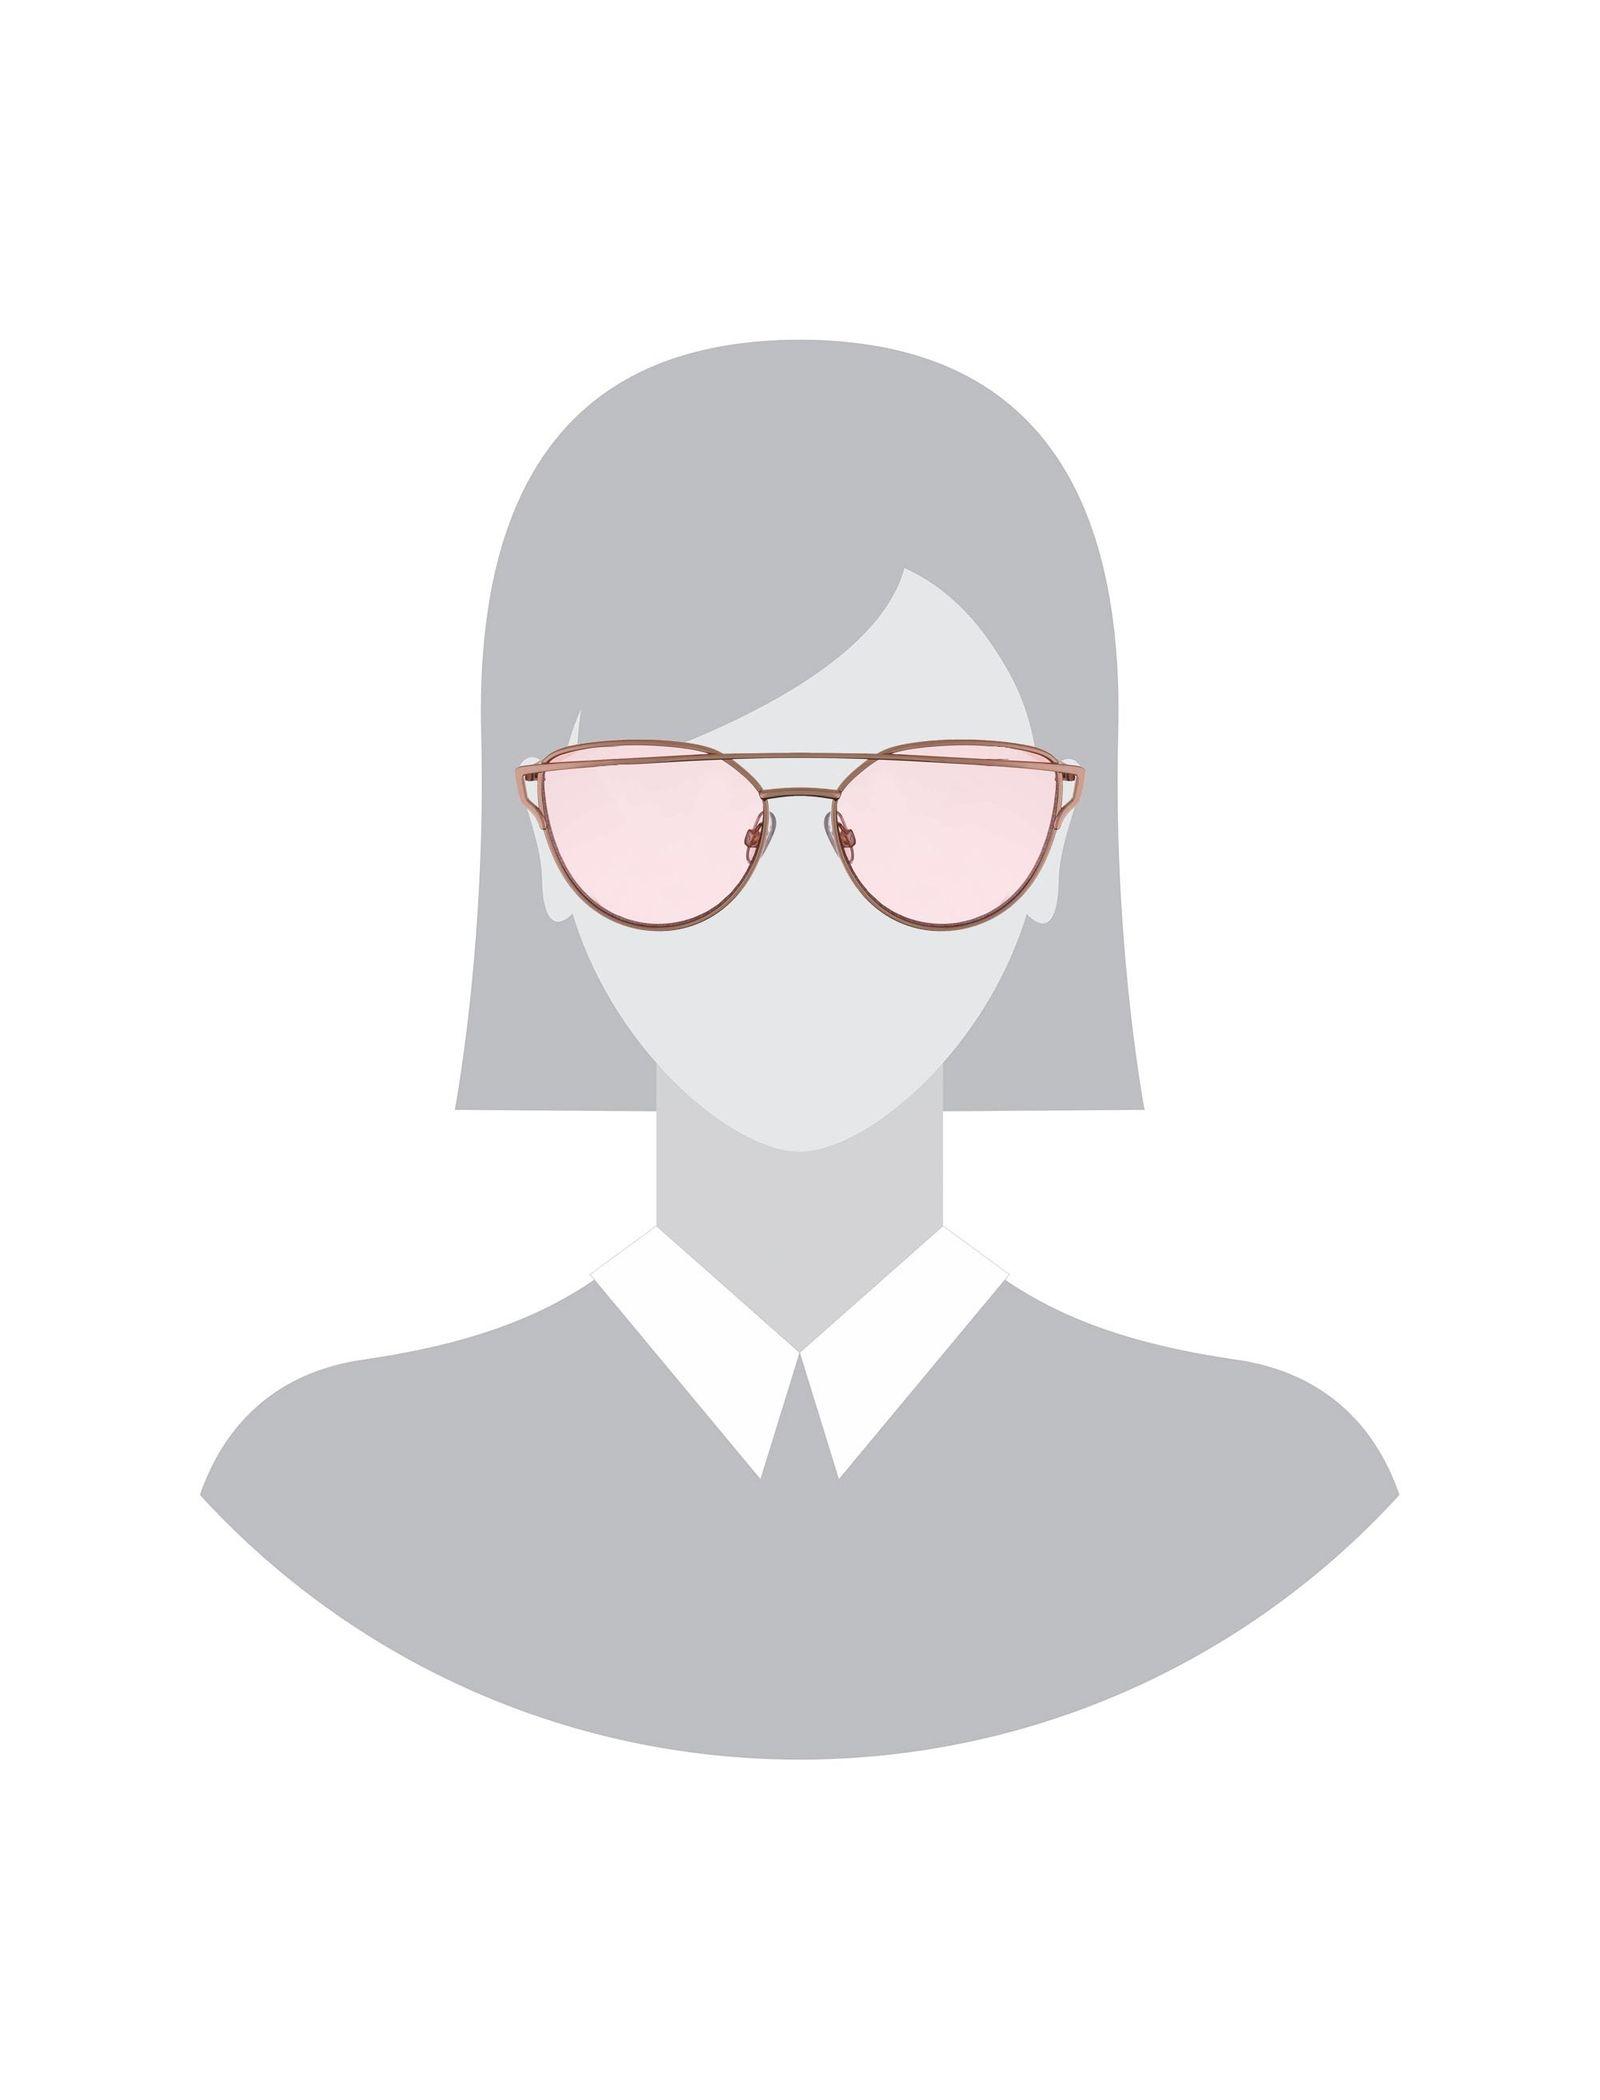 عینک آفتابی گربه ای زنانه - آلدو - طلايي - 6